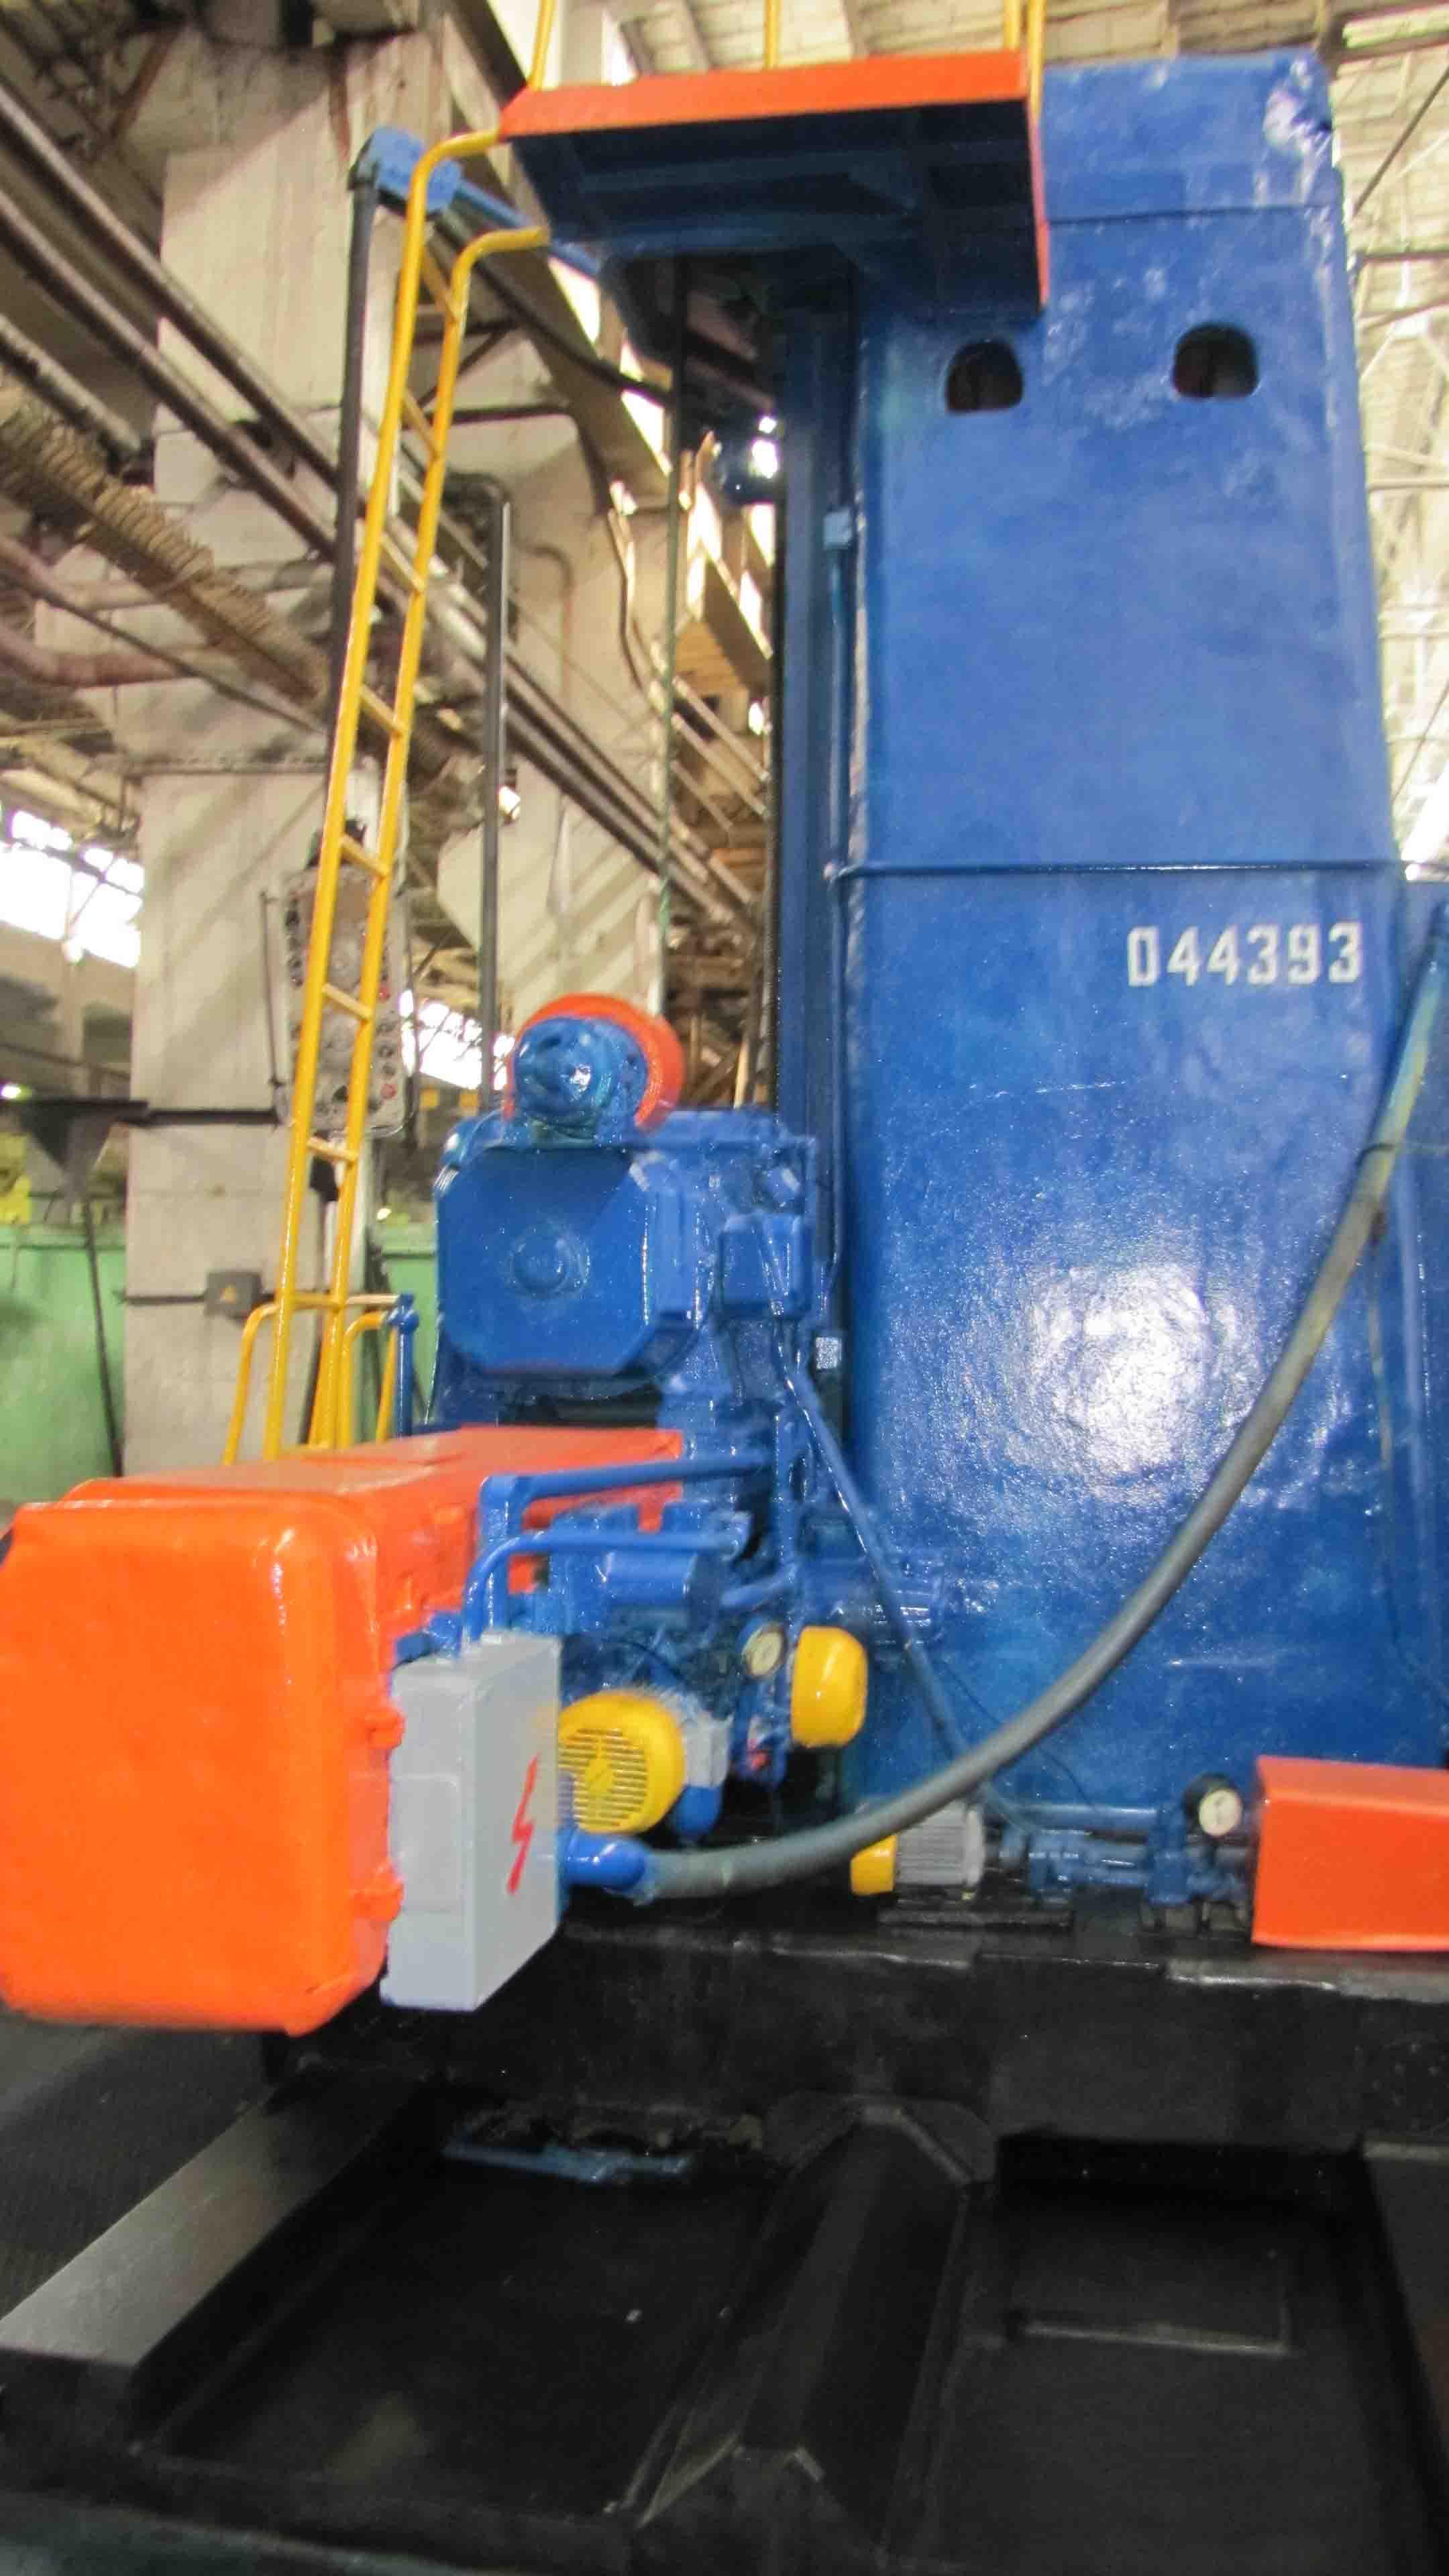 Horizontal Boring Machine Ryazan 2652 - Baltic Region Machinery